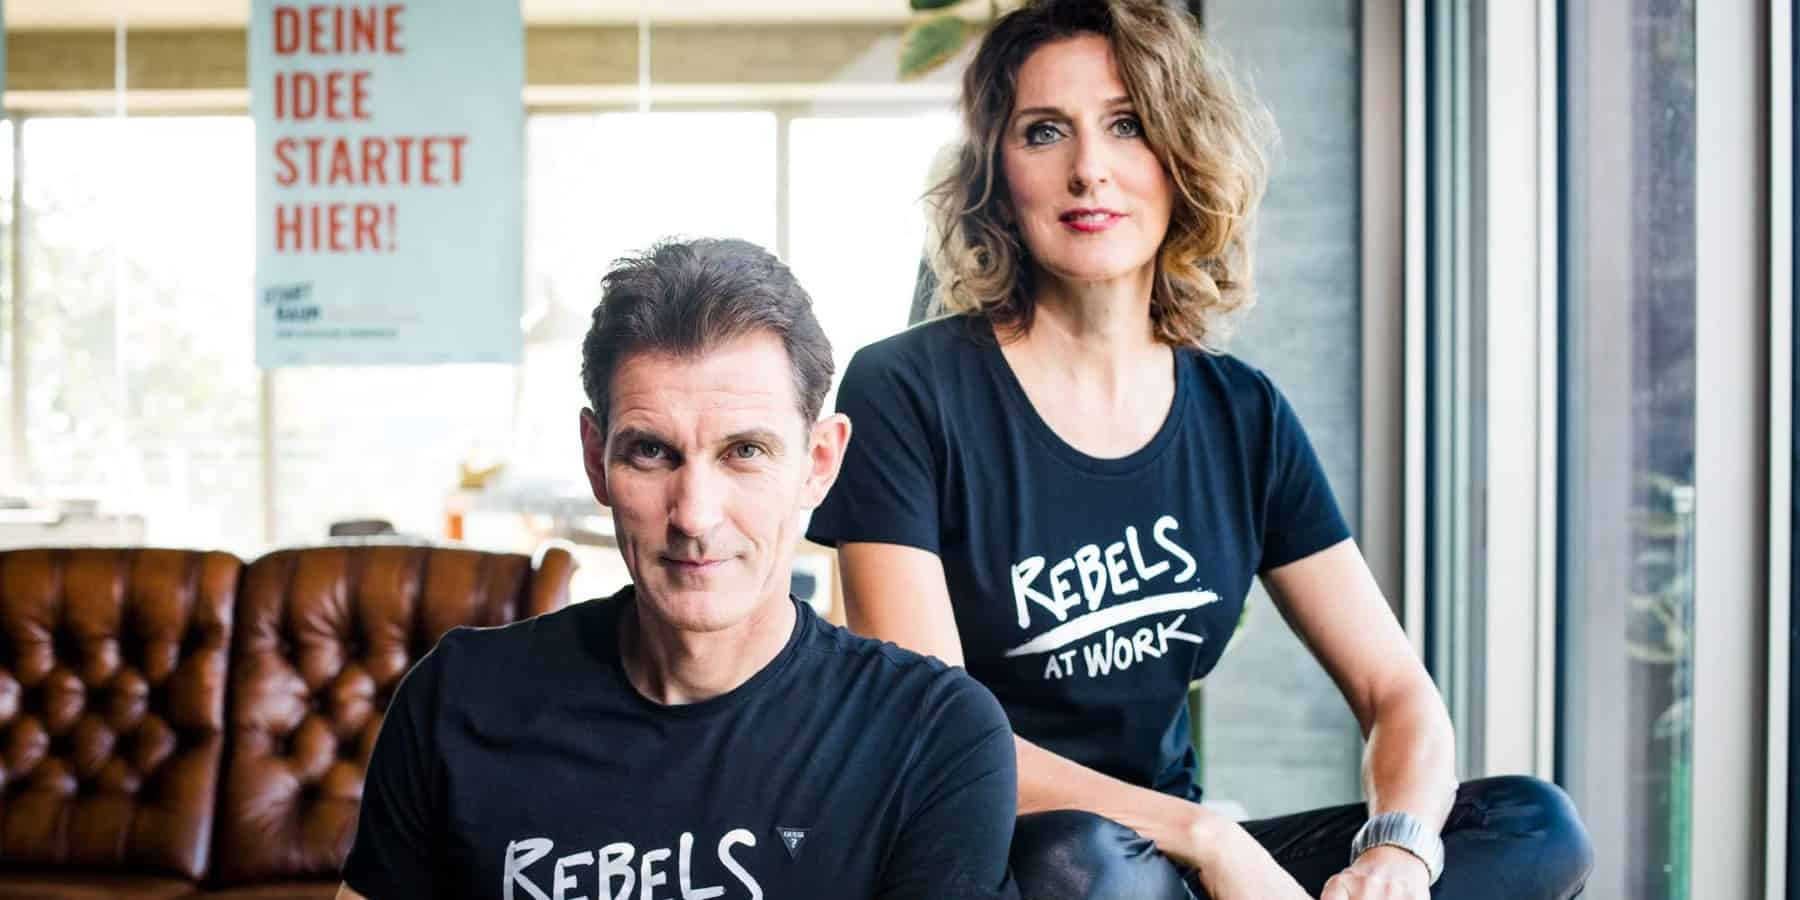 management-inovation querdenken rebels at work strategie veränderung wachstum